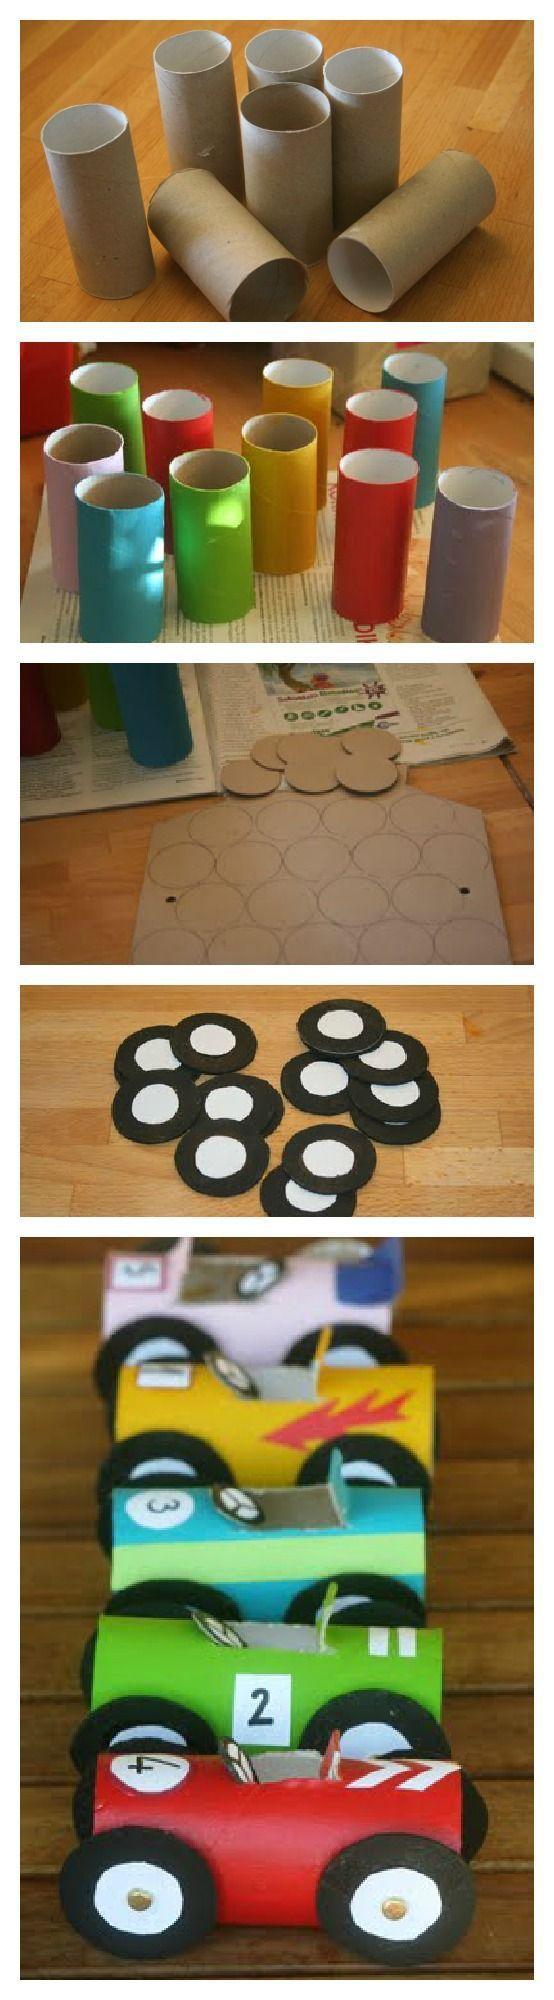 http://artesanatobrasil.net/o-que-fazer-com-um-rolo-de-papel-higienico/ #reciclagem #rolospapel #carros #artesanaot